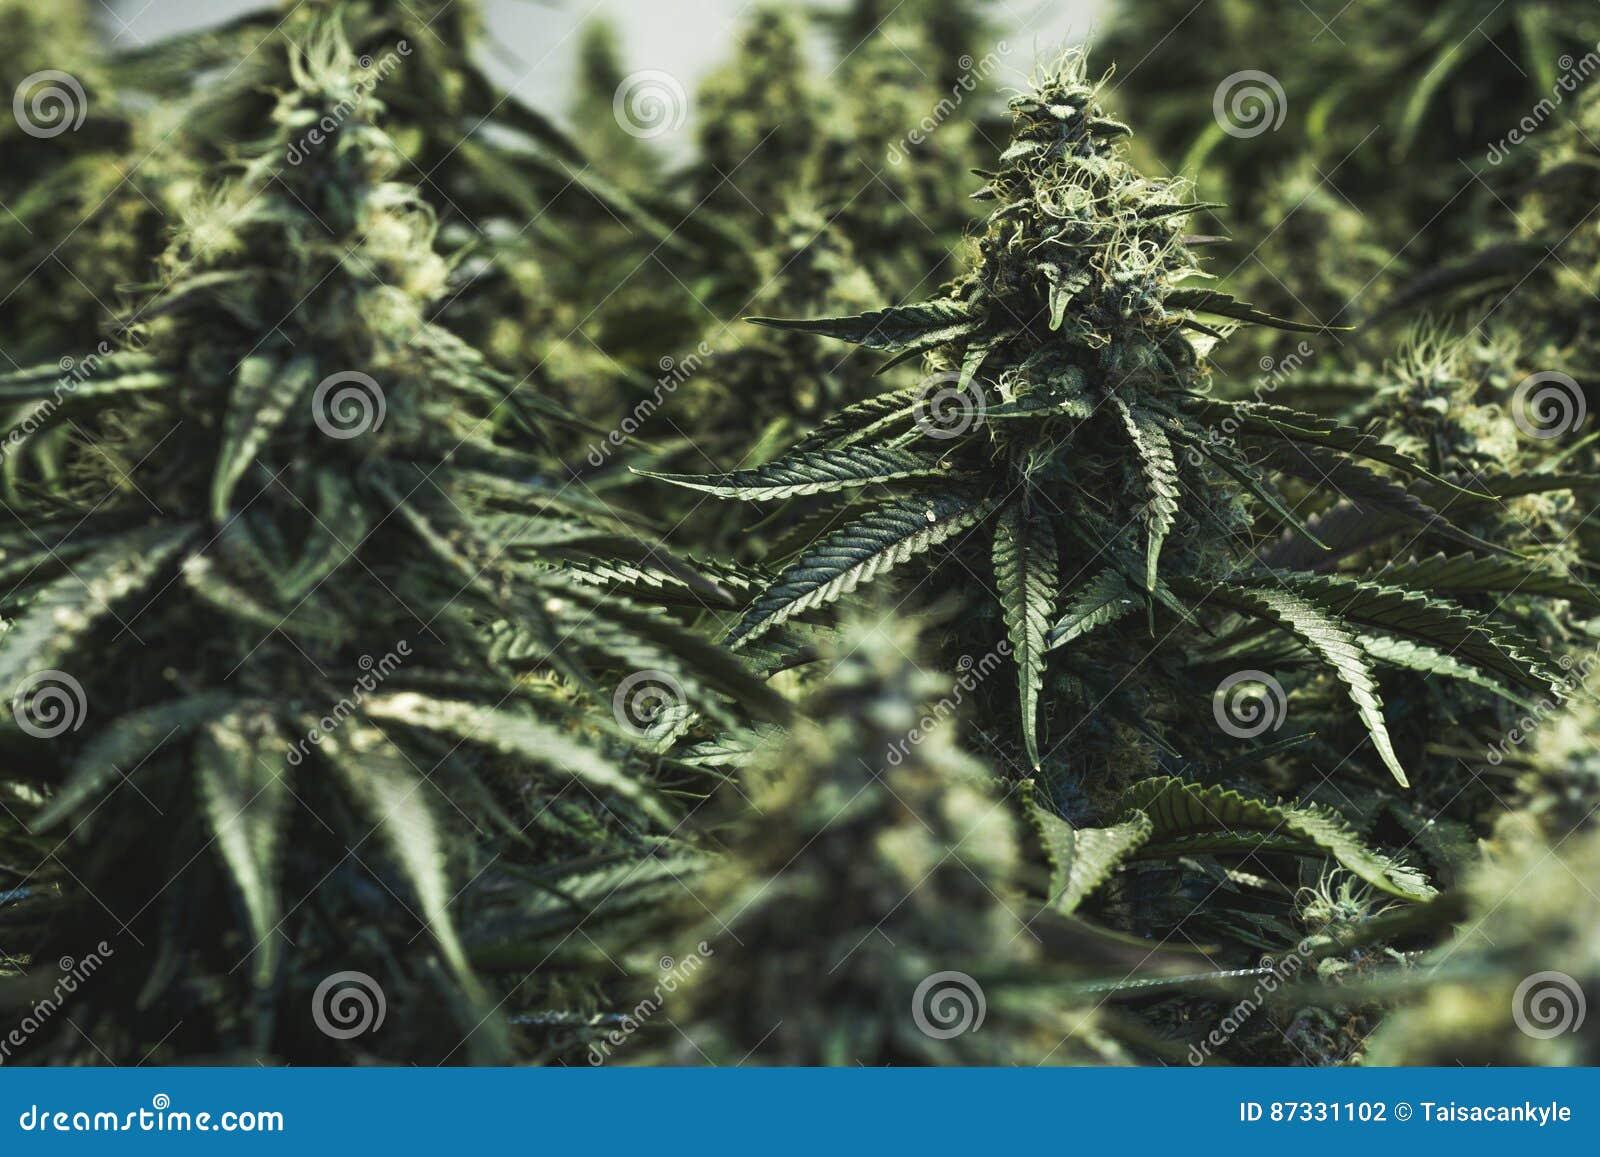 Grote binnencannabisknoppen